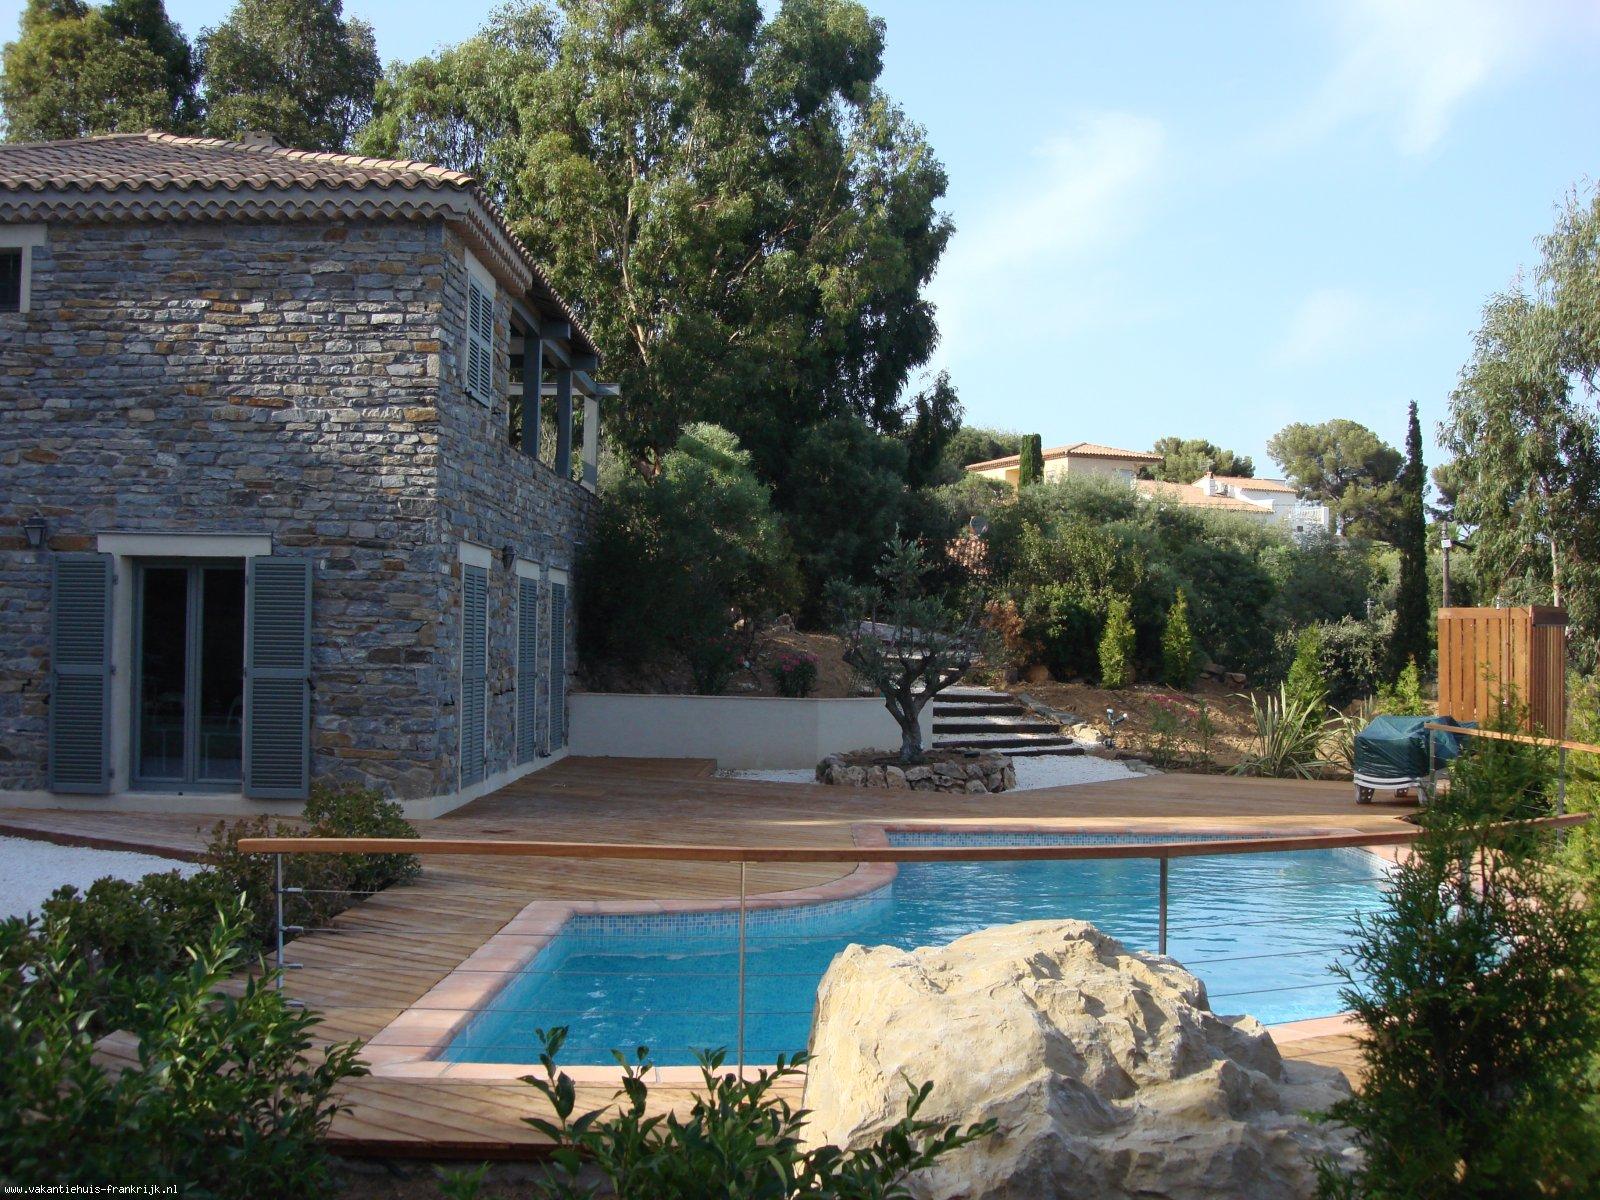 Vakantiehuis: Charmante villa aan de azurenkust met zeezicht voor 8 pers te huur voor uw vakantie in Var (Frankrijk)